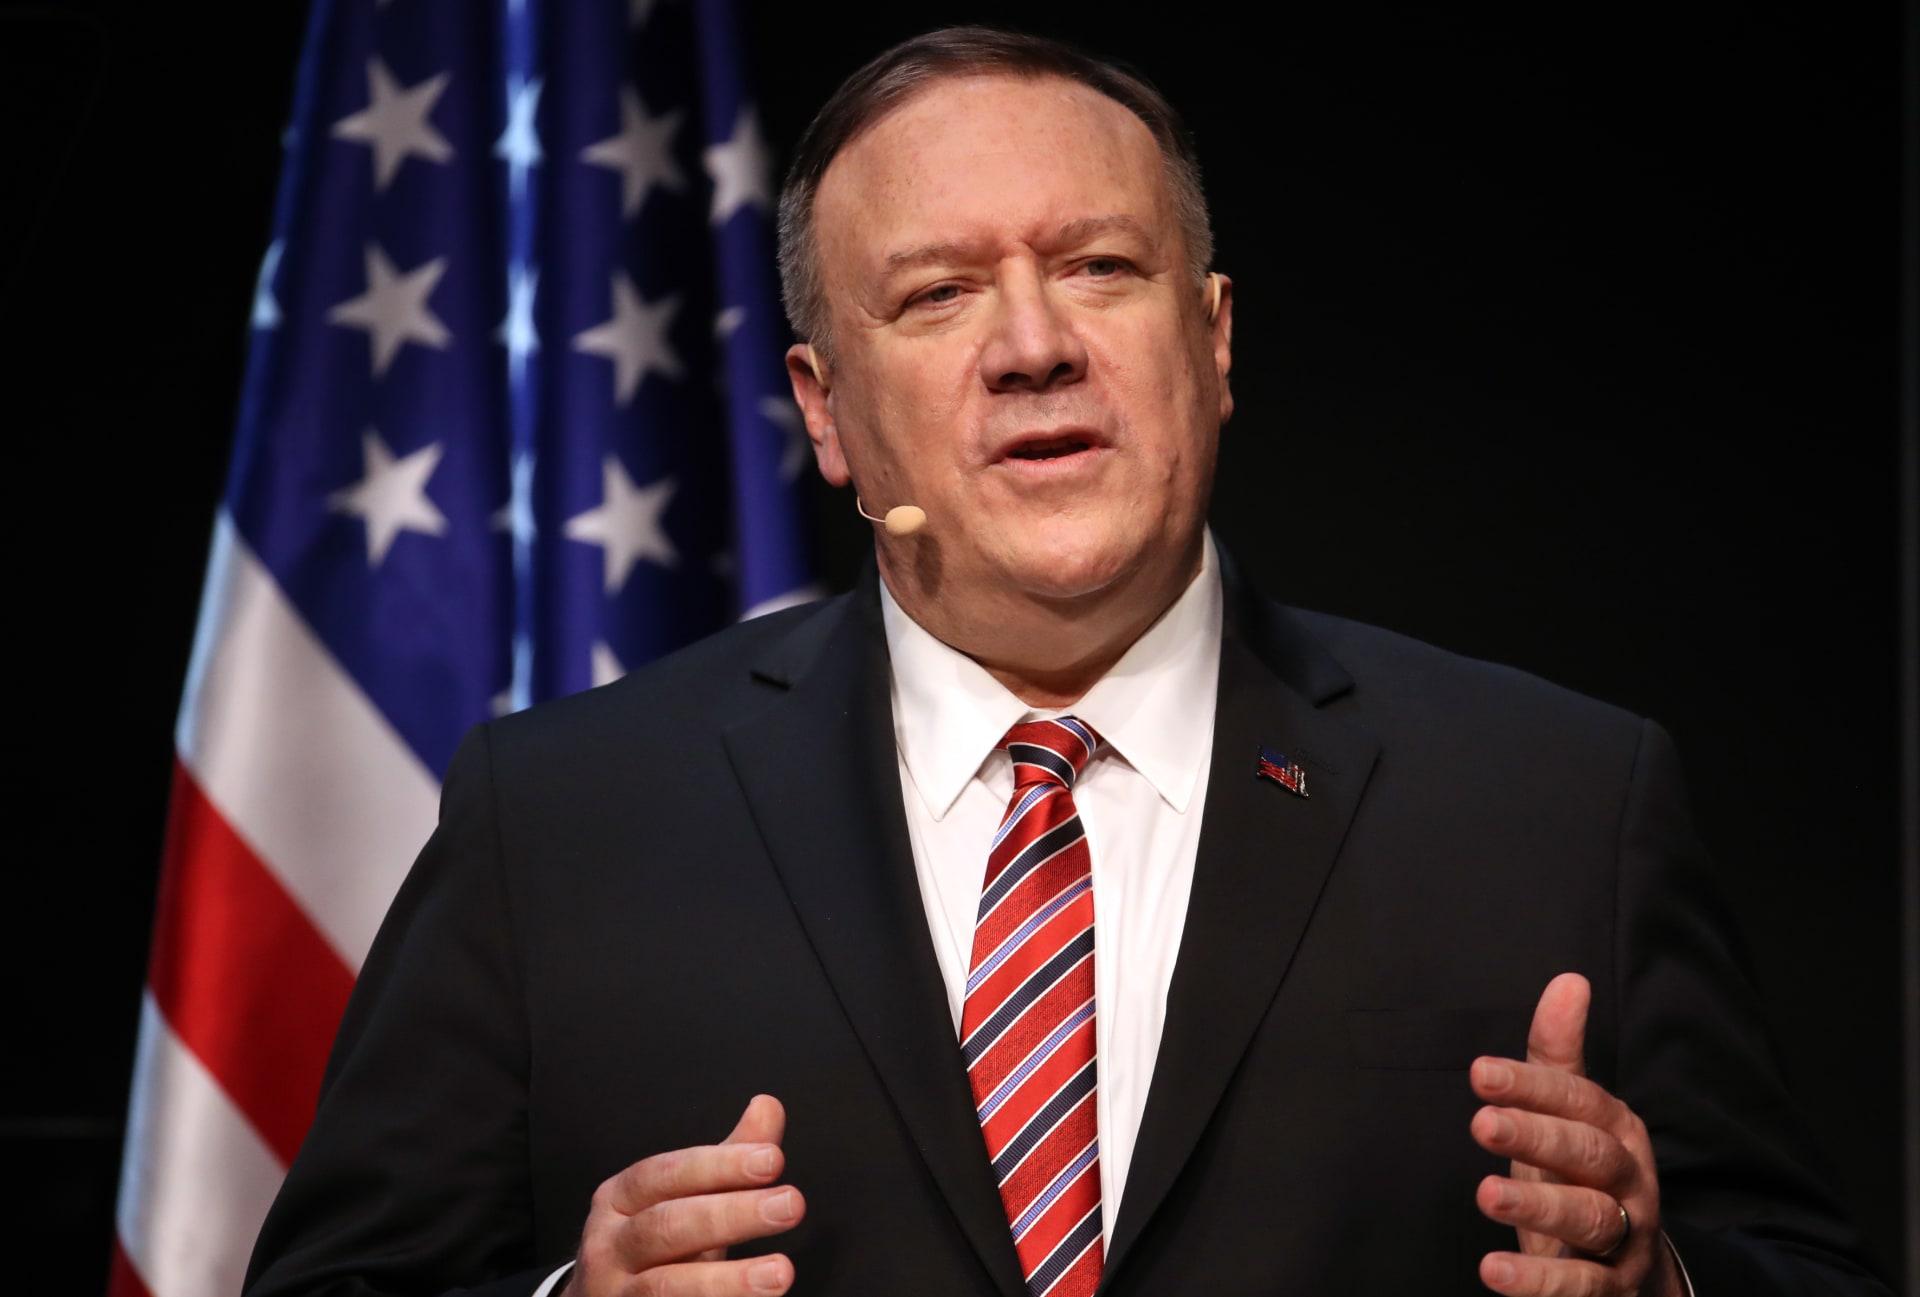 الخارجية الأمريكية تؤكد مقتل شخص في الهجوم الصاروخي على سفارة واشنطن بالعراق